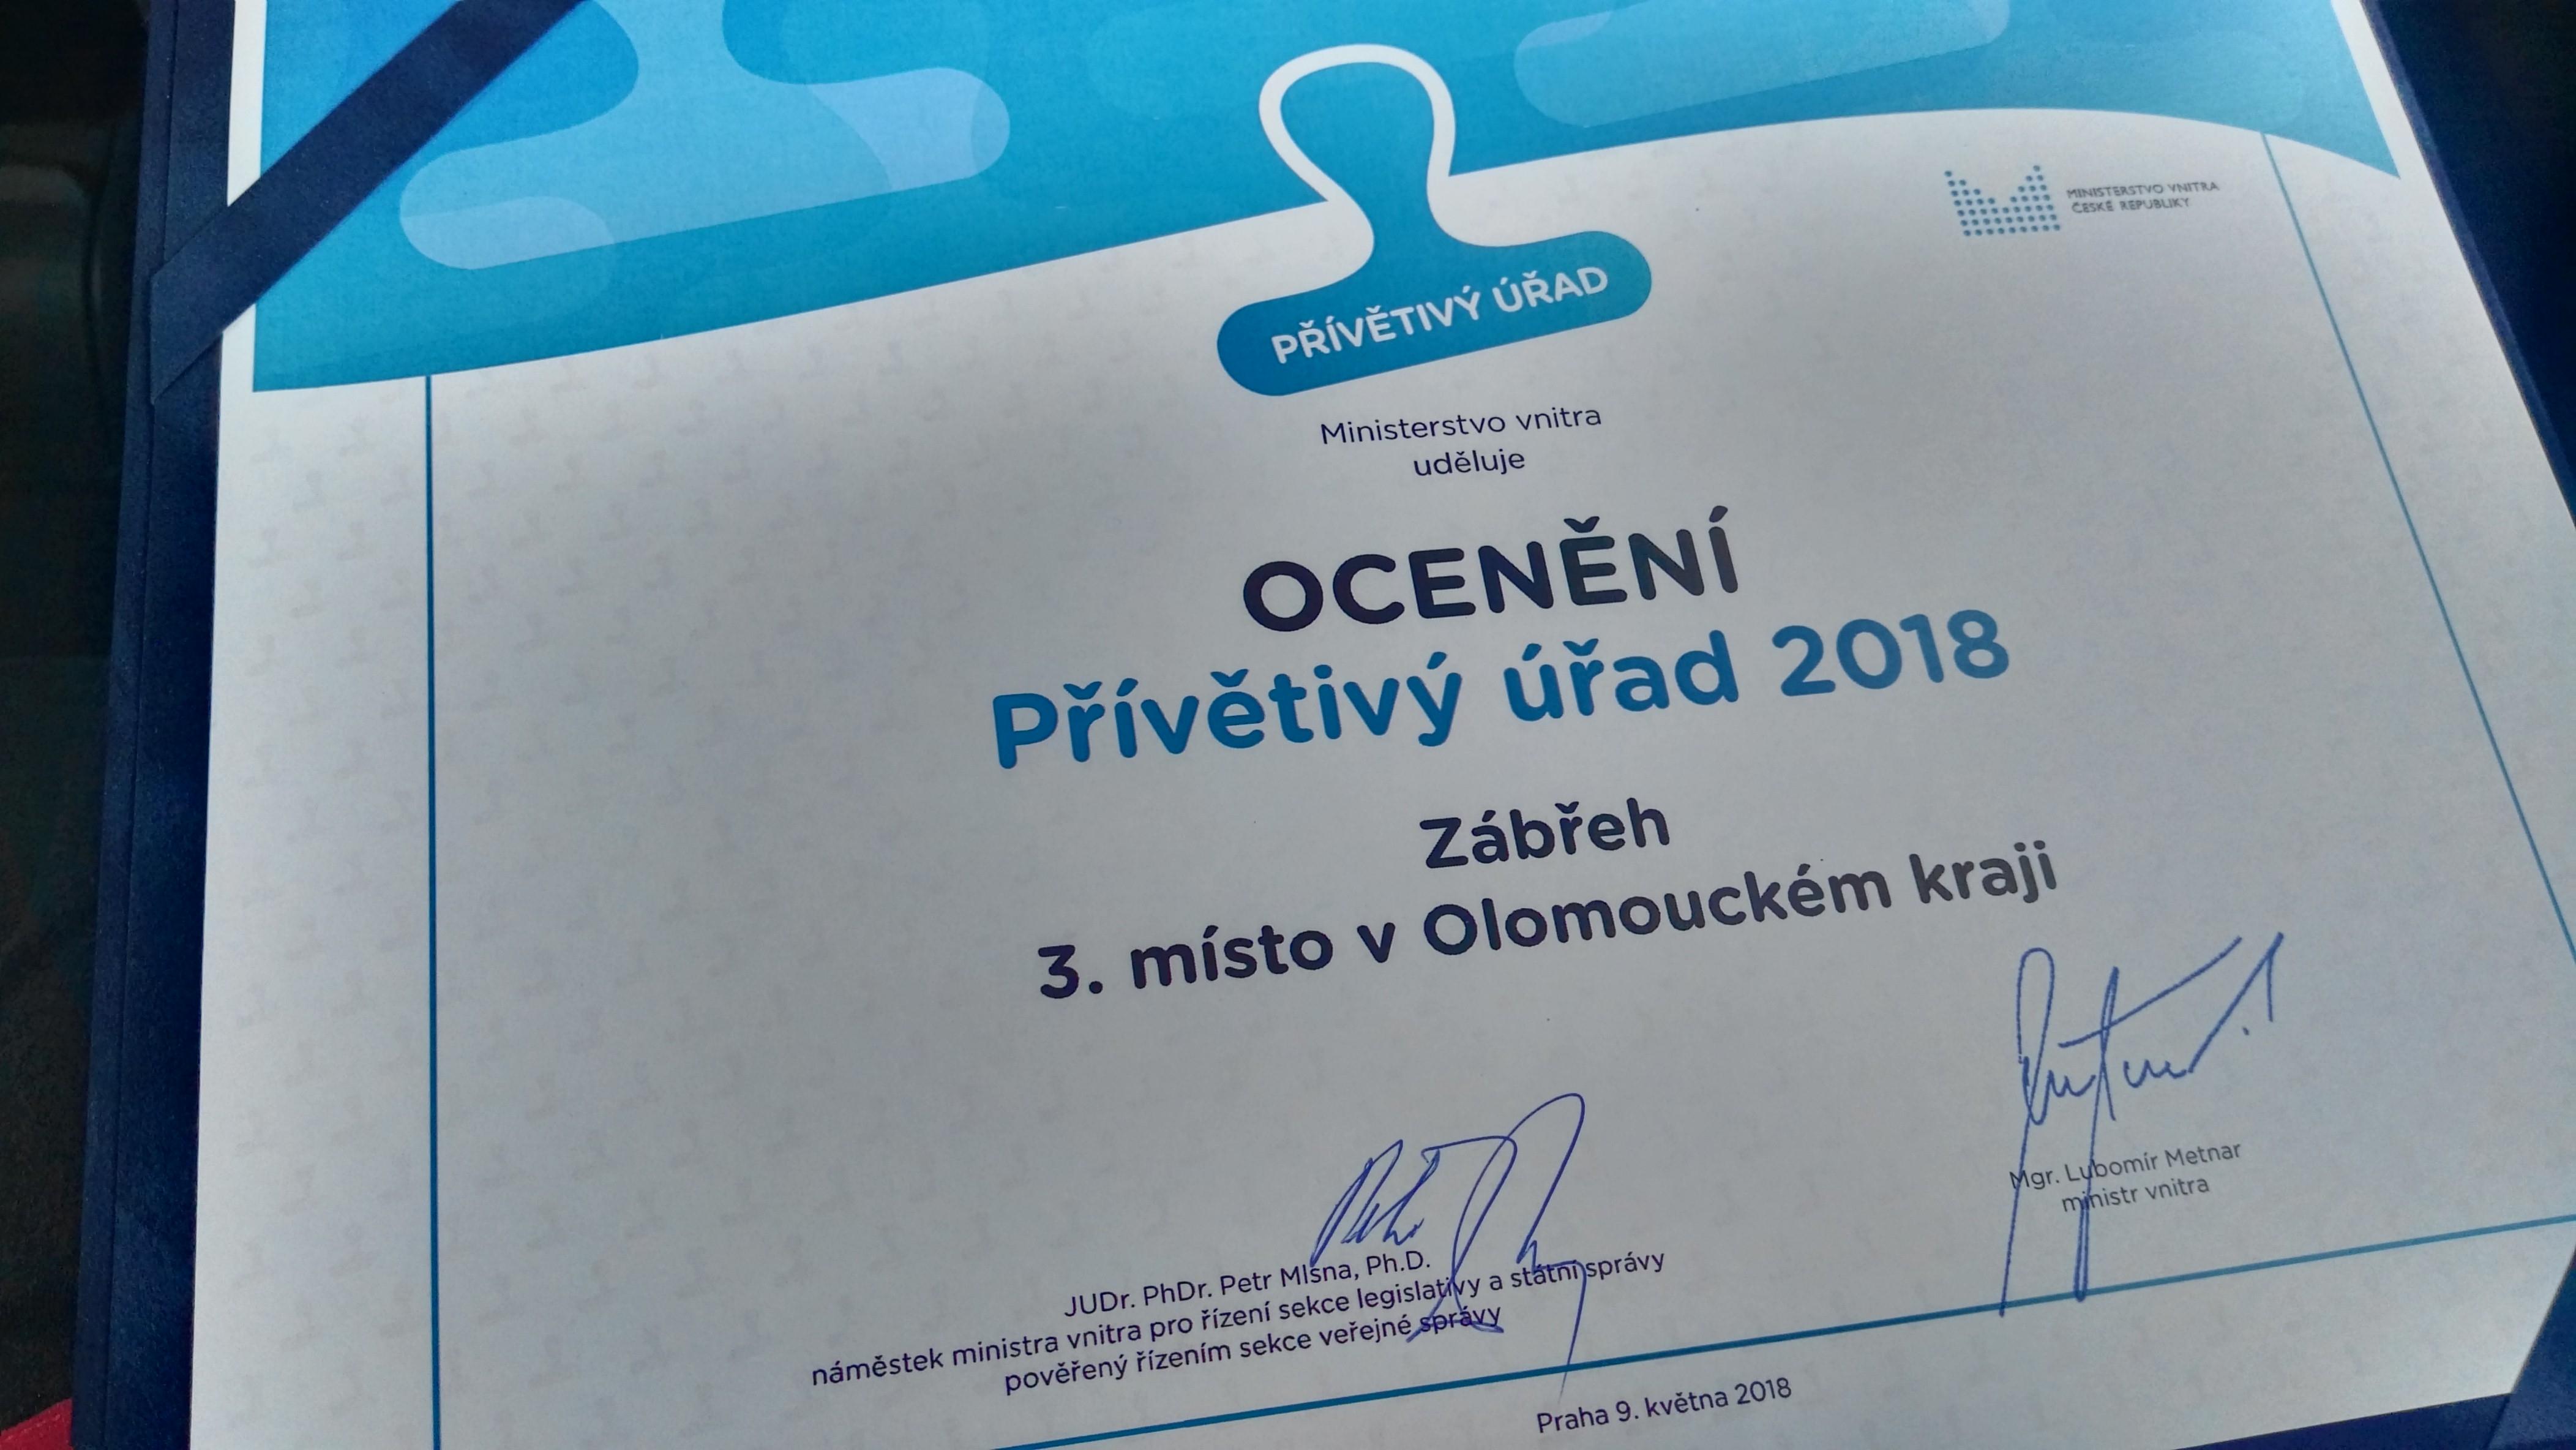 Zábřeh má třetí nejpřívětivější úřad Olomouckého kraje zdroj foto: muz